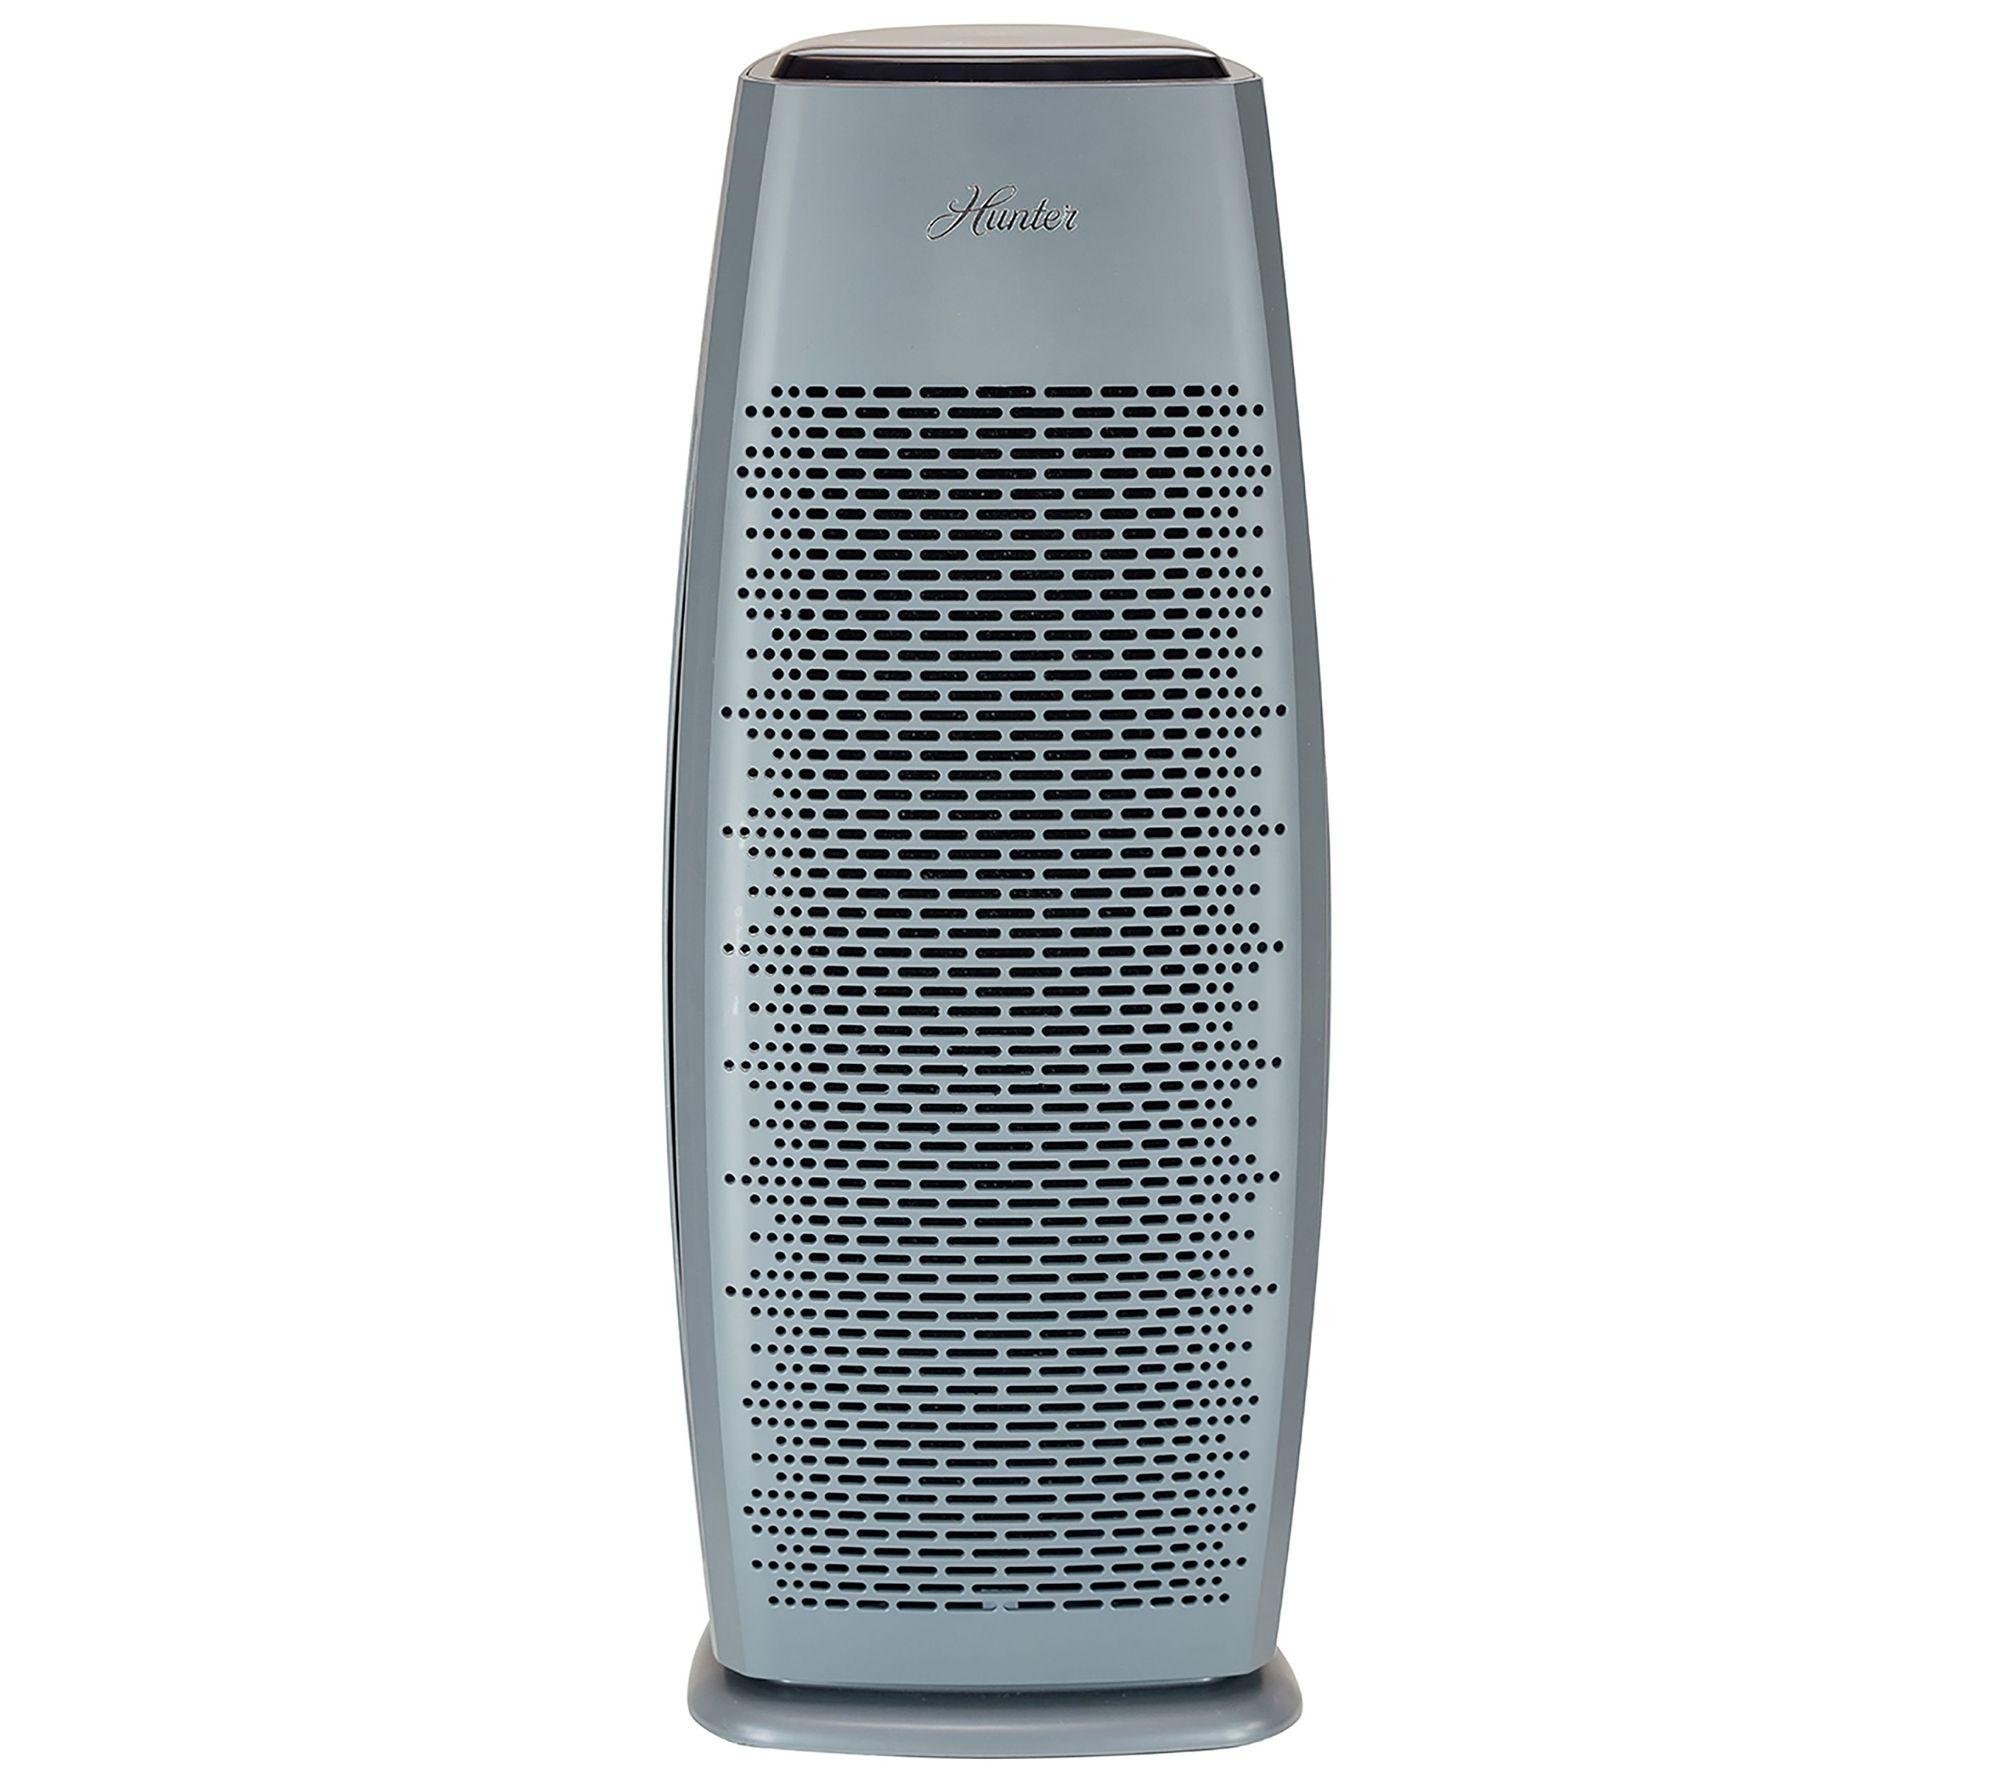 True HEPA digital tower air purifier